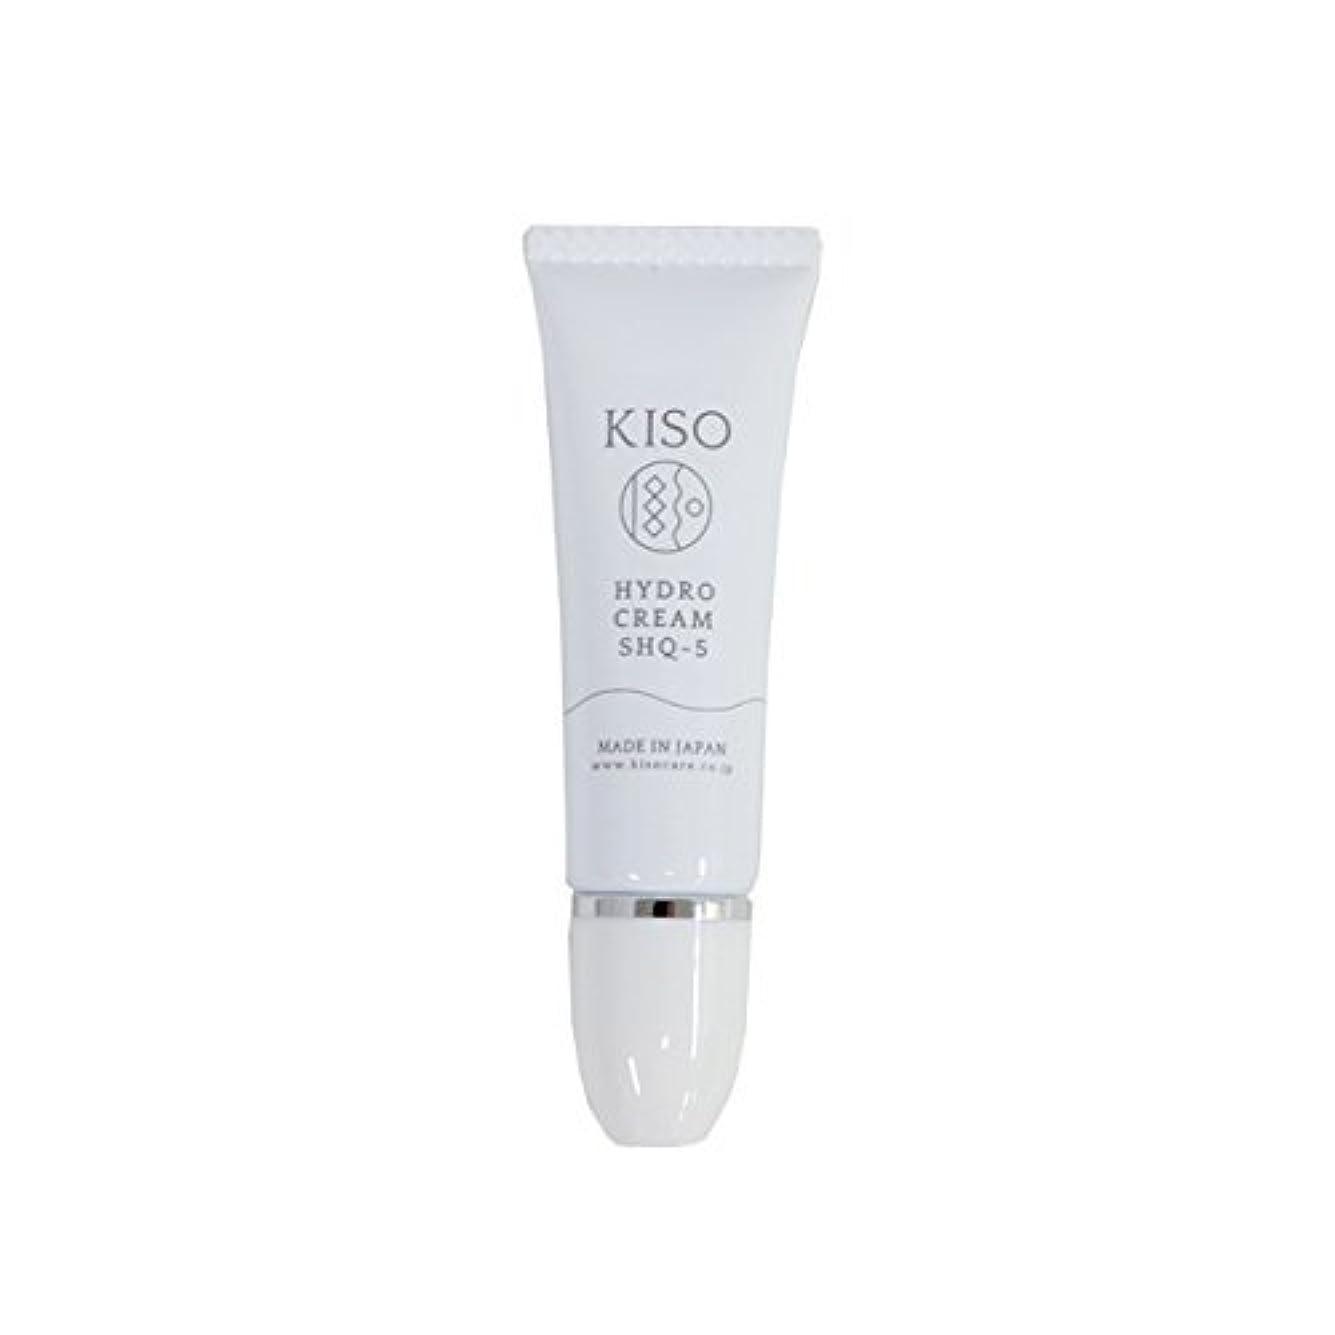 スリーブ依存する動的KISO 安定型 ハイドロキノン 5%配合【ハイドロ クリーム SHQ-5 10g】スキンケアで肌を整えた後にちょこっとケア 日本製